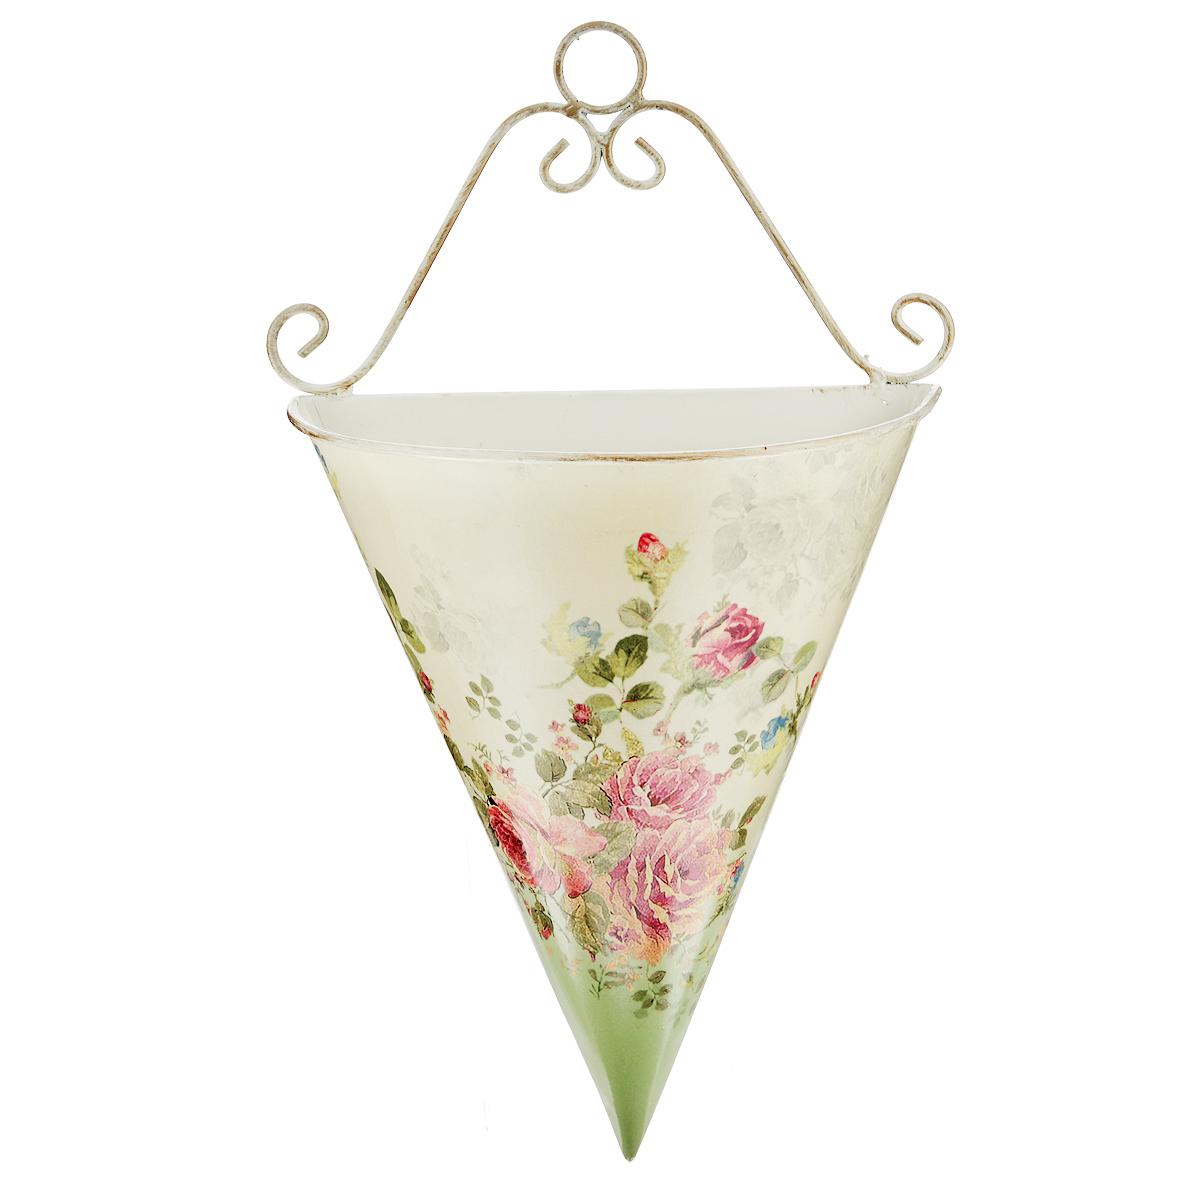 Кашпо-конус GiftnHome Розовый куст, высота 42 смКонус-LКашпо-конус GiftnHome Розовый куст - прекрасное решение для декора дома или дачи. Изготовлено из жести и оформлено красочным цветочным рисунком в винтажном стиле. Декор выполнен в технике декупаж. Кашпо подвешивается к стене. Изделие предназначено для интерьерного оформления жилого помещения. Оно прекрасно дополнит интерьер и добавит в обычную обстановку нотки романтики и изящества. Кашпо не герметично - не рекомендуется наполнять водой.